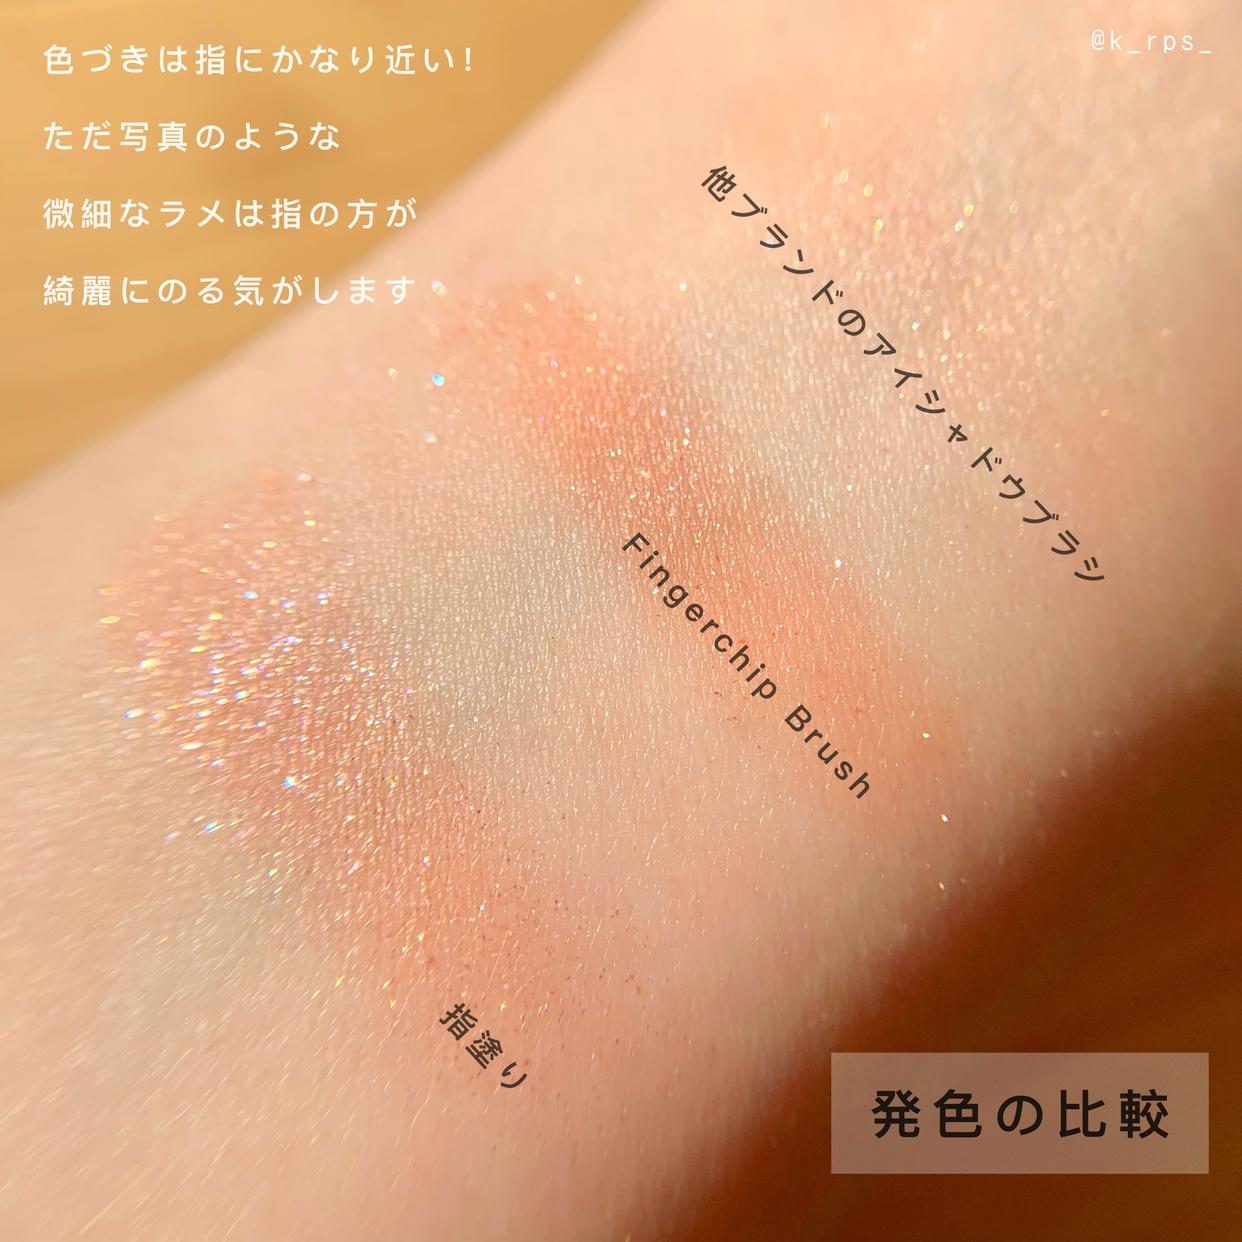 KUMOエキスパートメイクブラシコレクション Fingertipを使ったKeiさんのクチコミ画像4